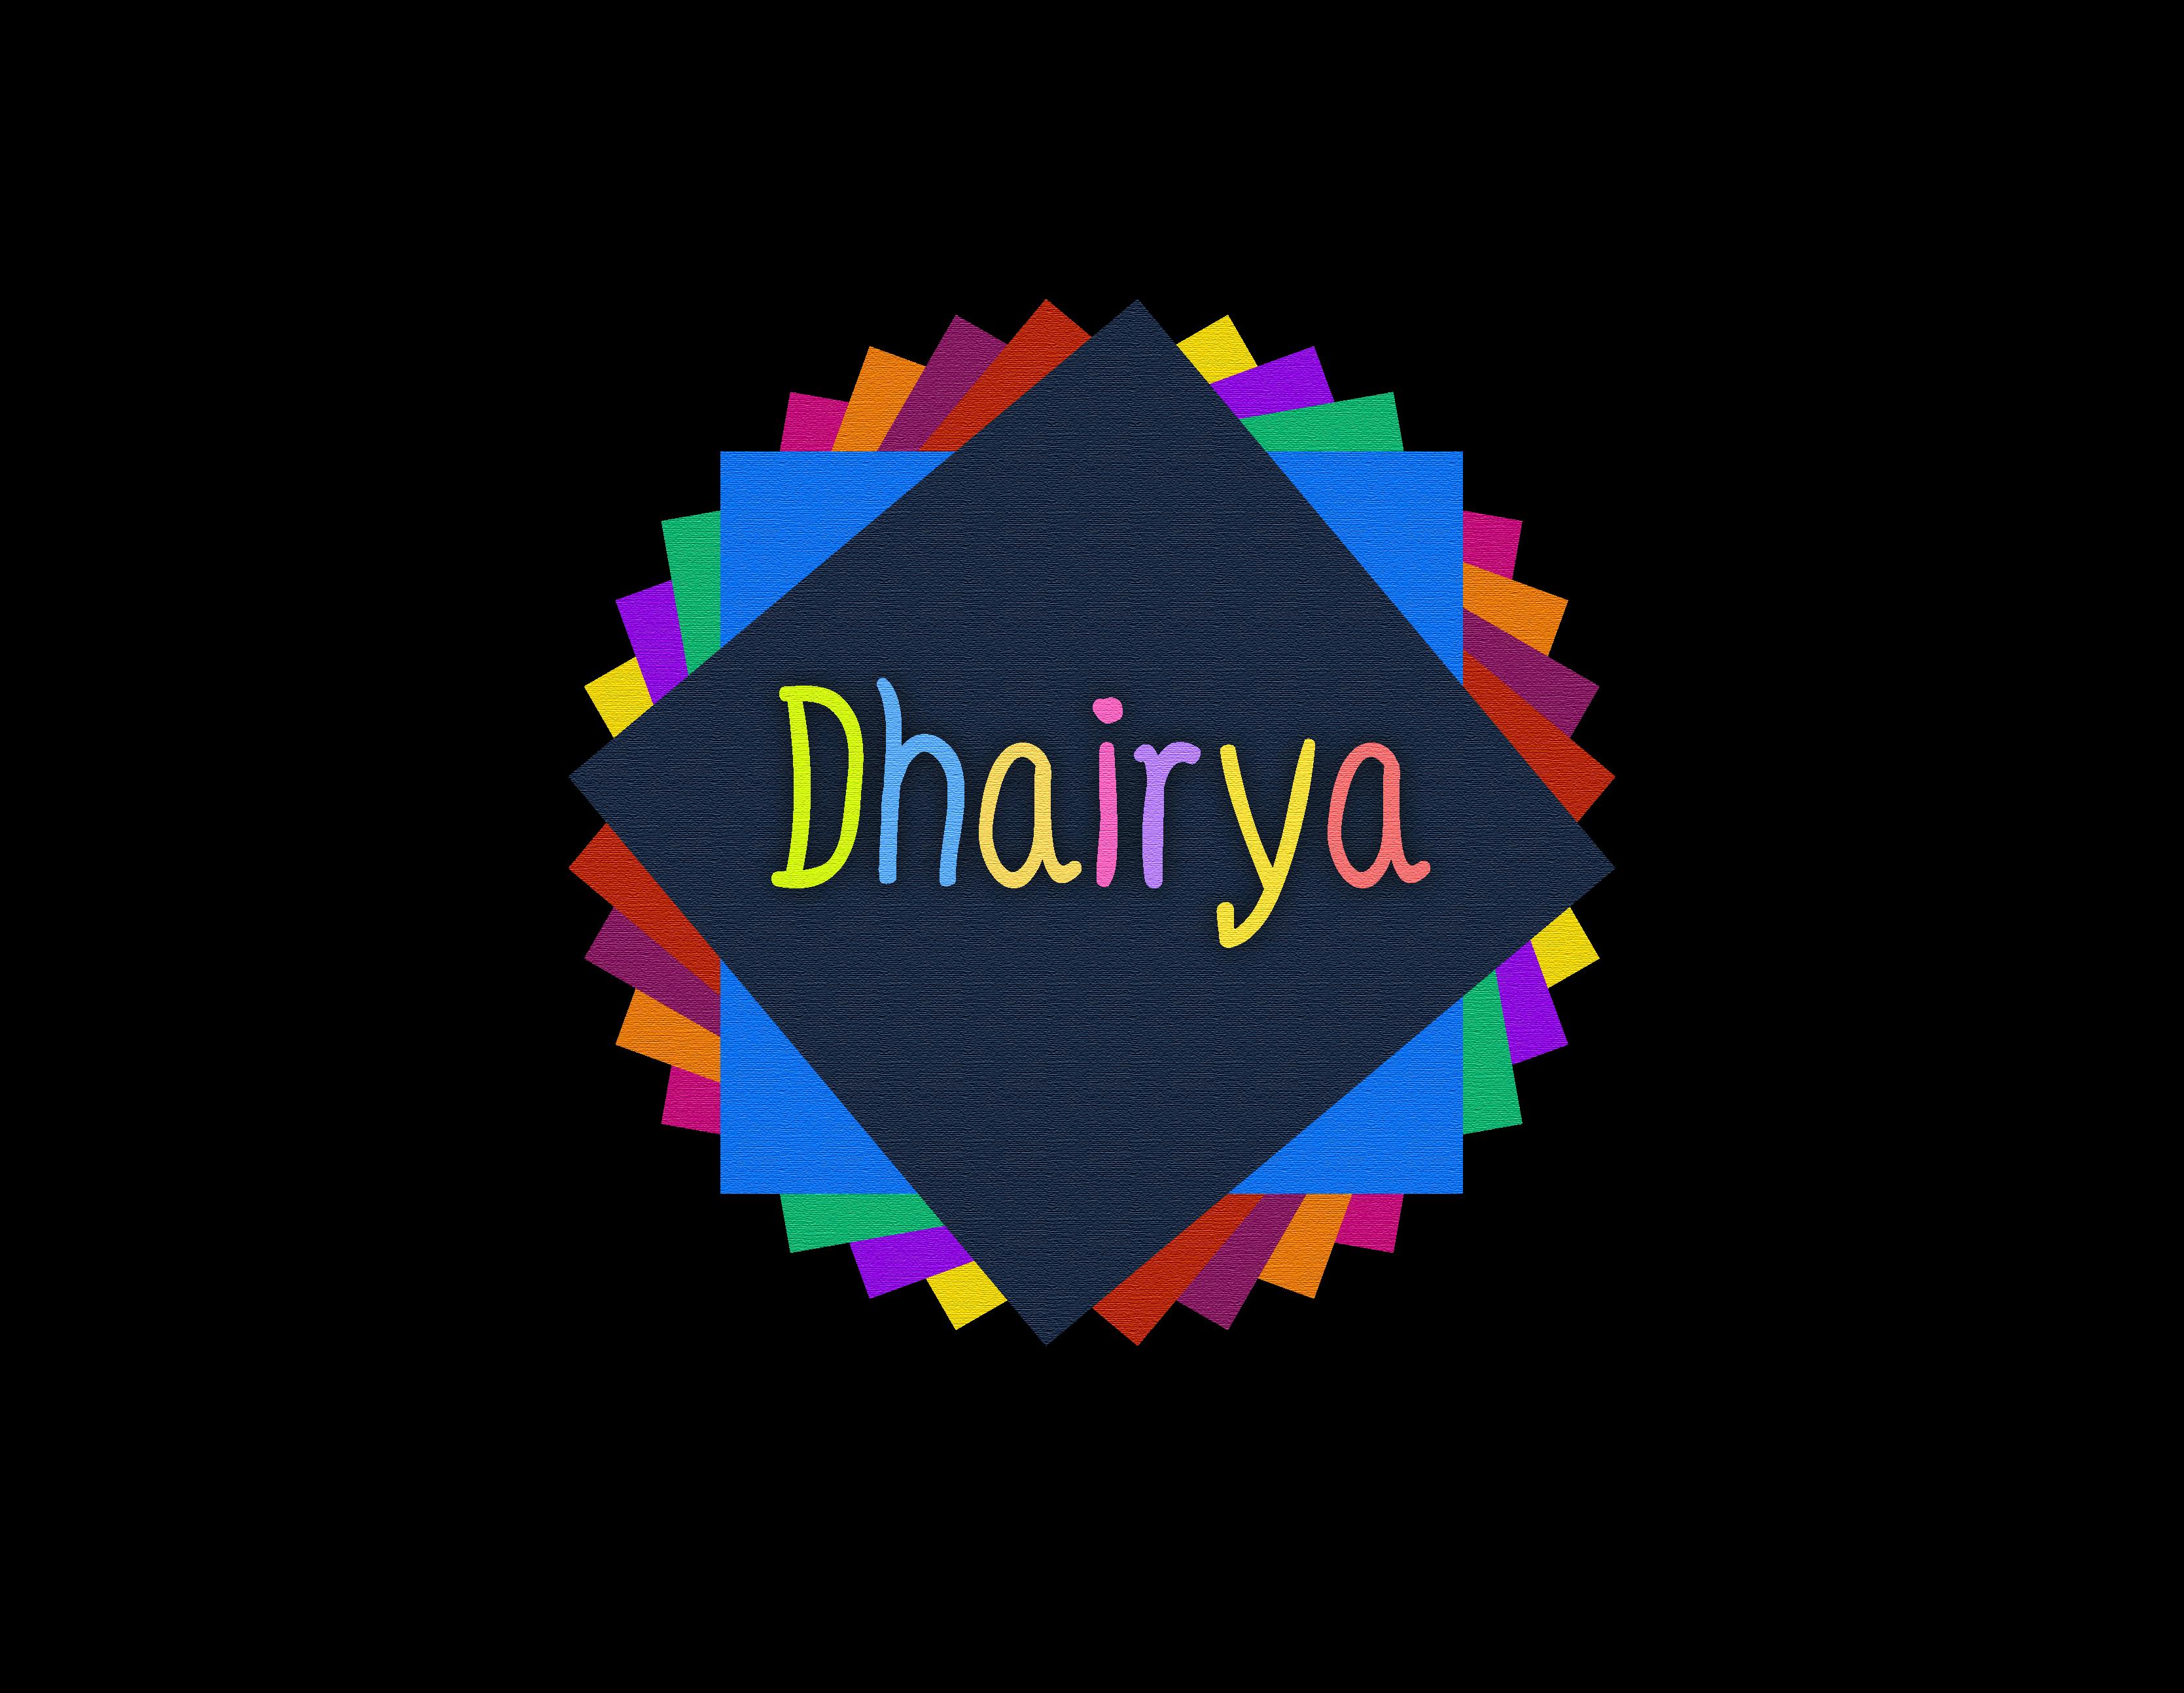 I create professional Logos